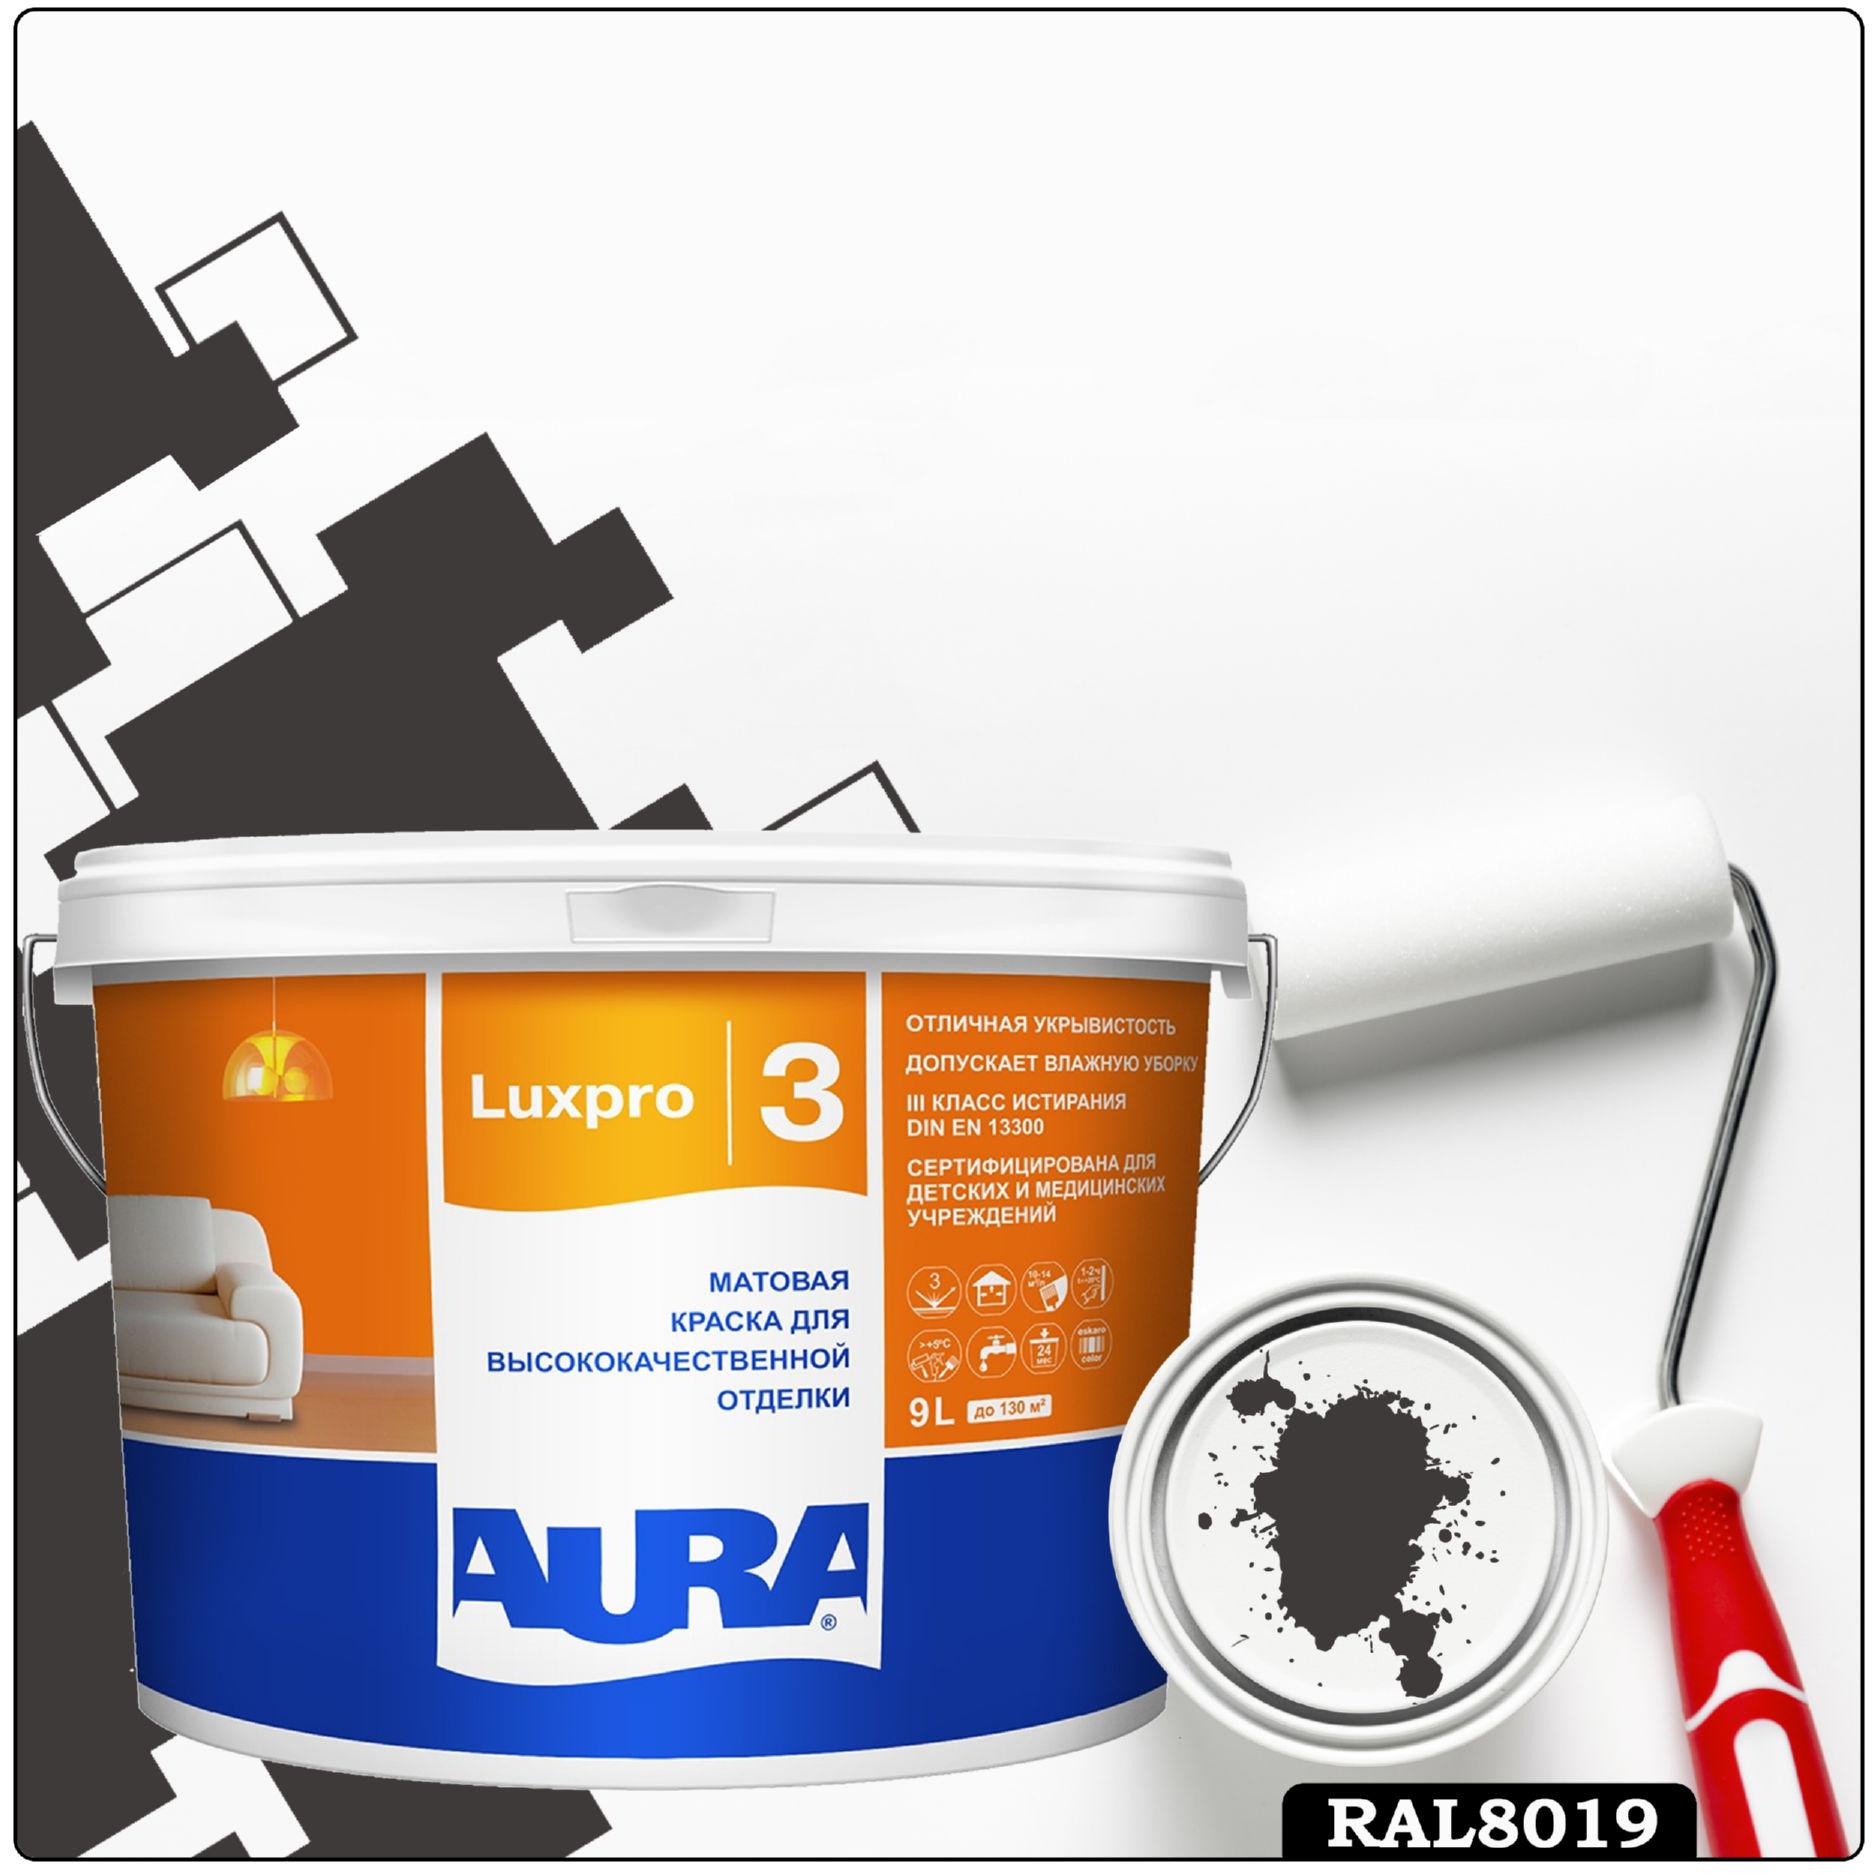 Фото 14 - Краска Aura LuxPRO 3, RAL 8019 Серо-коричневый, латексная, шелково-матовая, интерьерная, 9л, Аура.